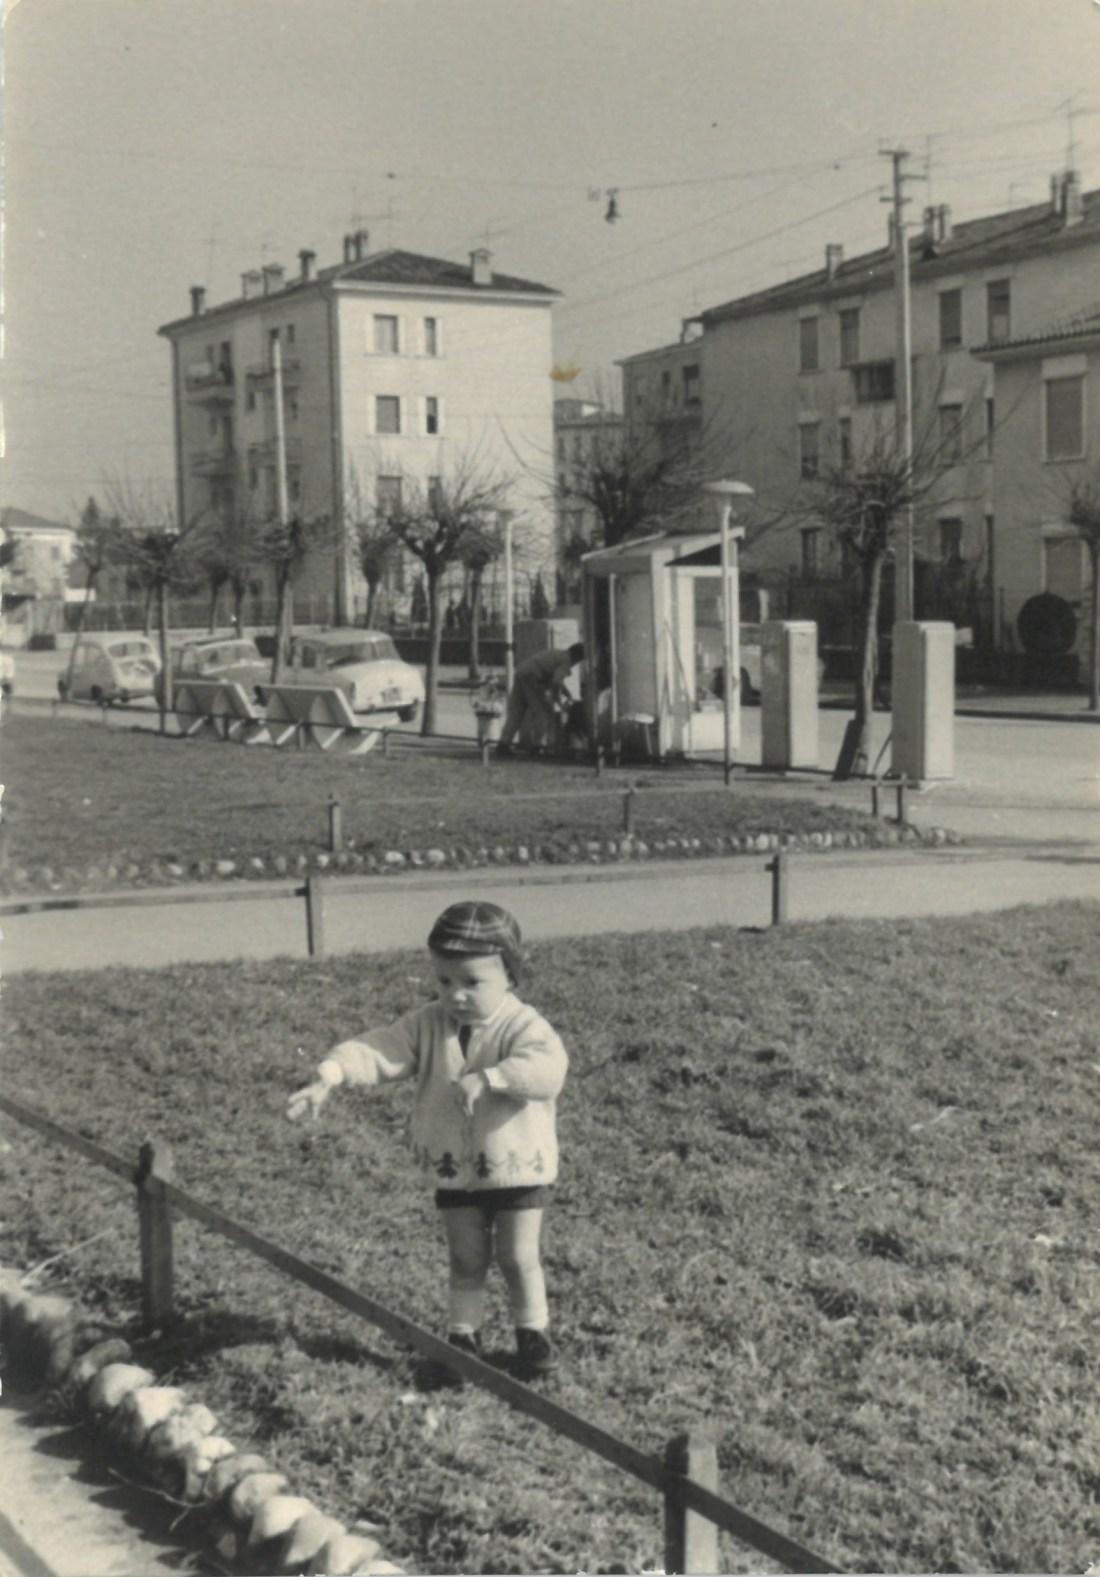 Famiglia Consoli – Baroni, portici di Viale Caduti del Lavoro. Seconda metà anni '50.